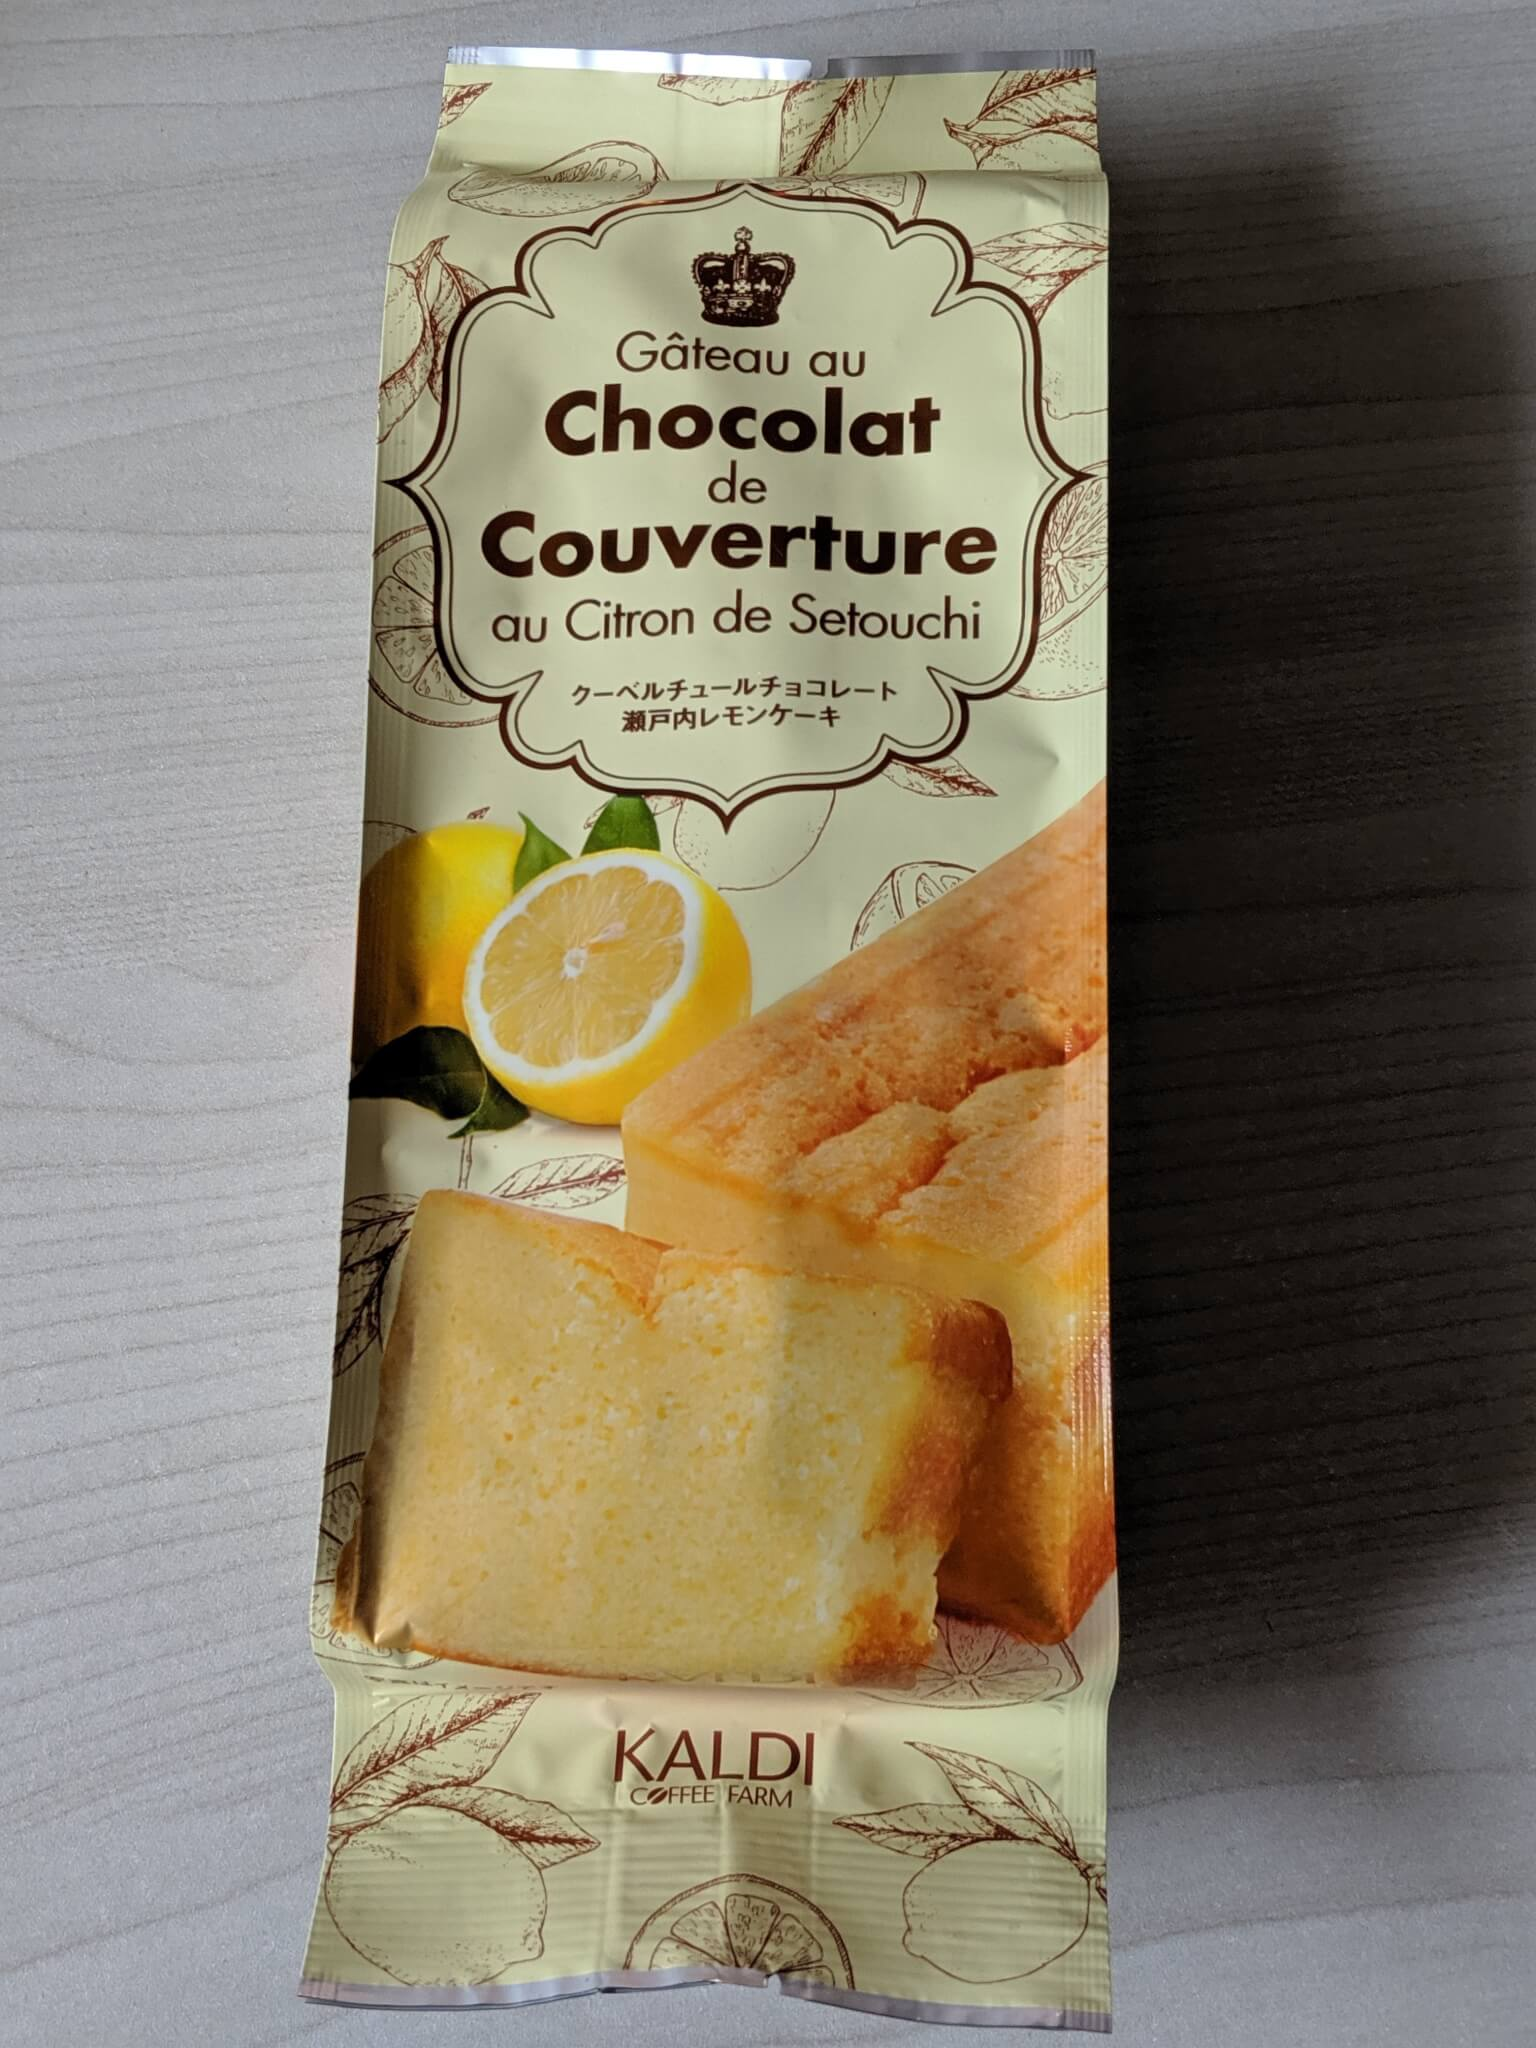 カルディのクーベルチュールチョコレート瀬戸内レモンケーキ